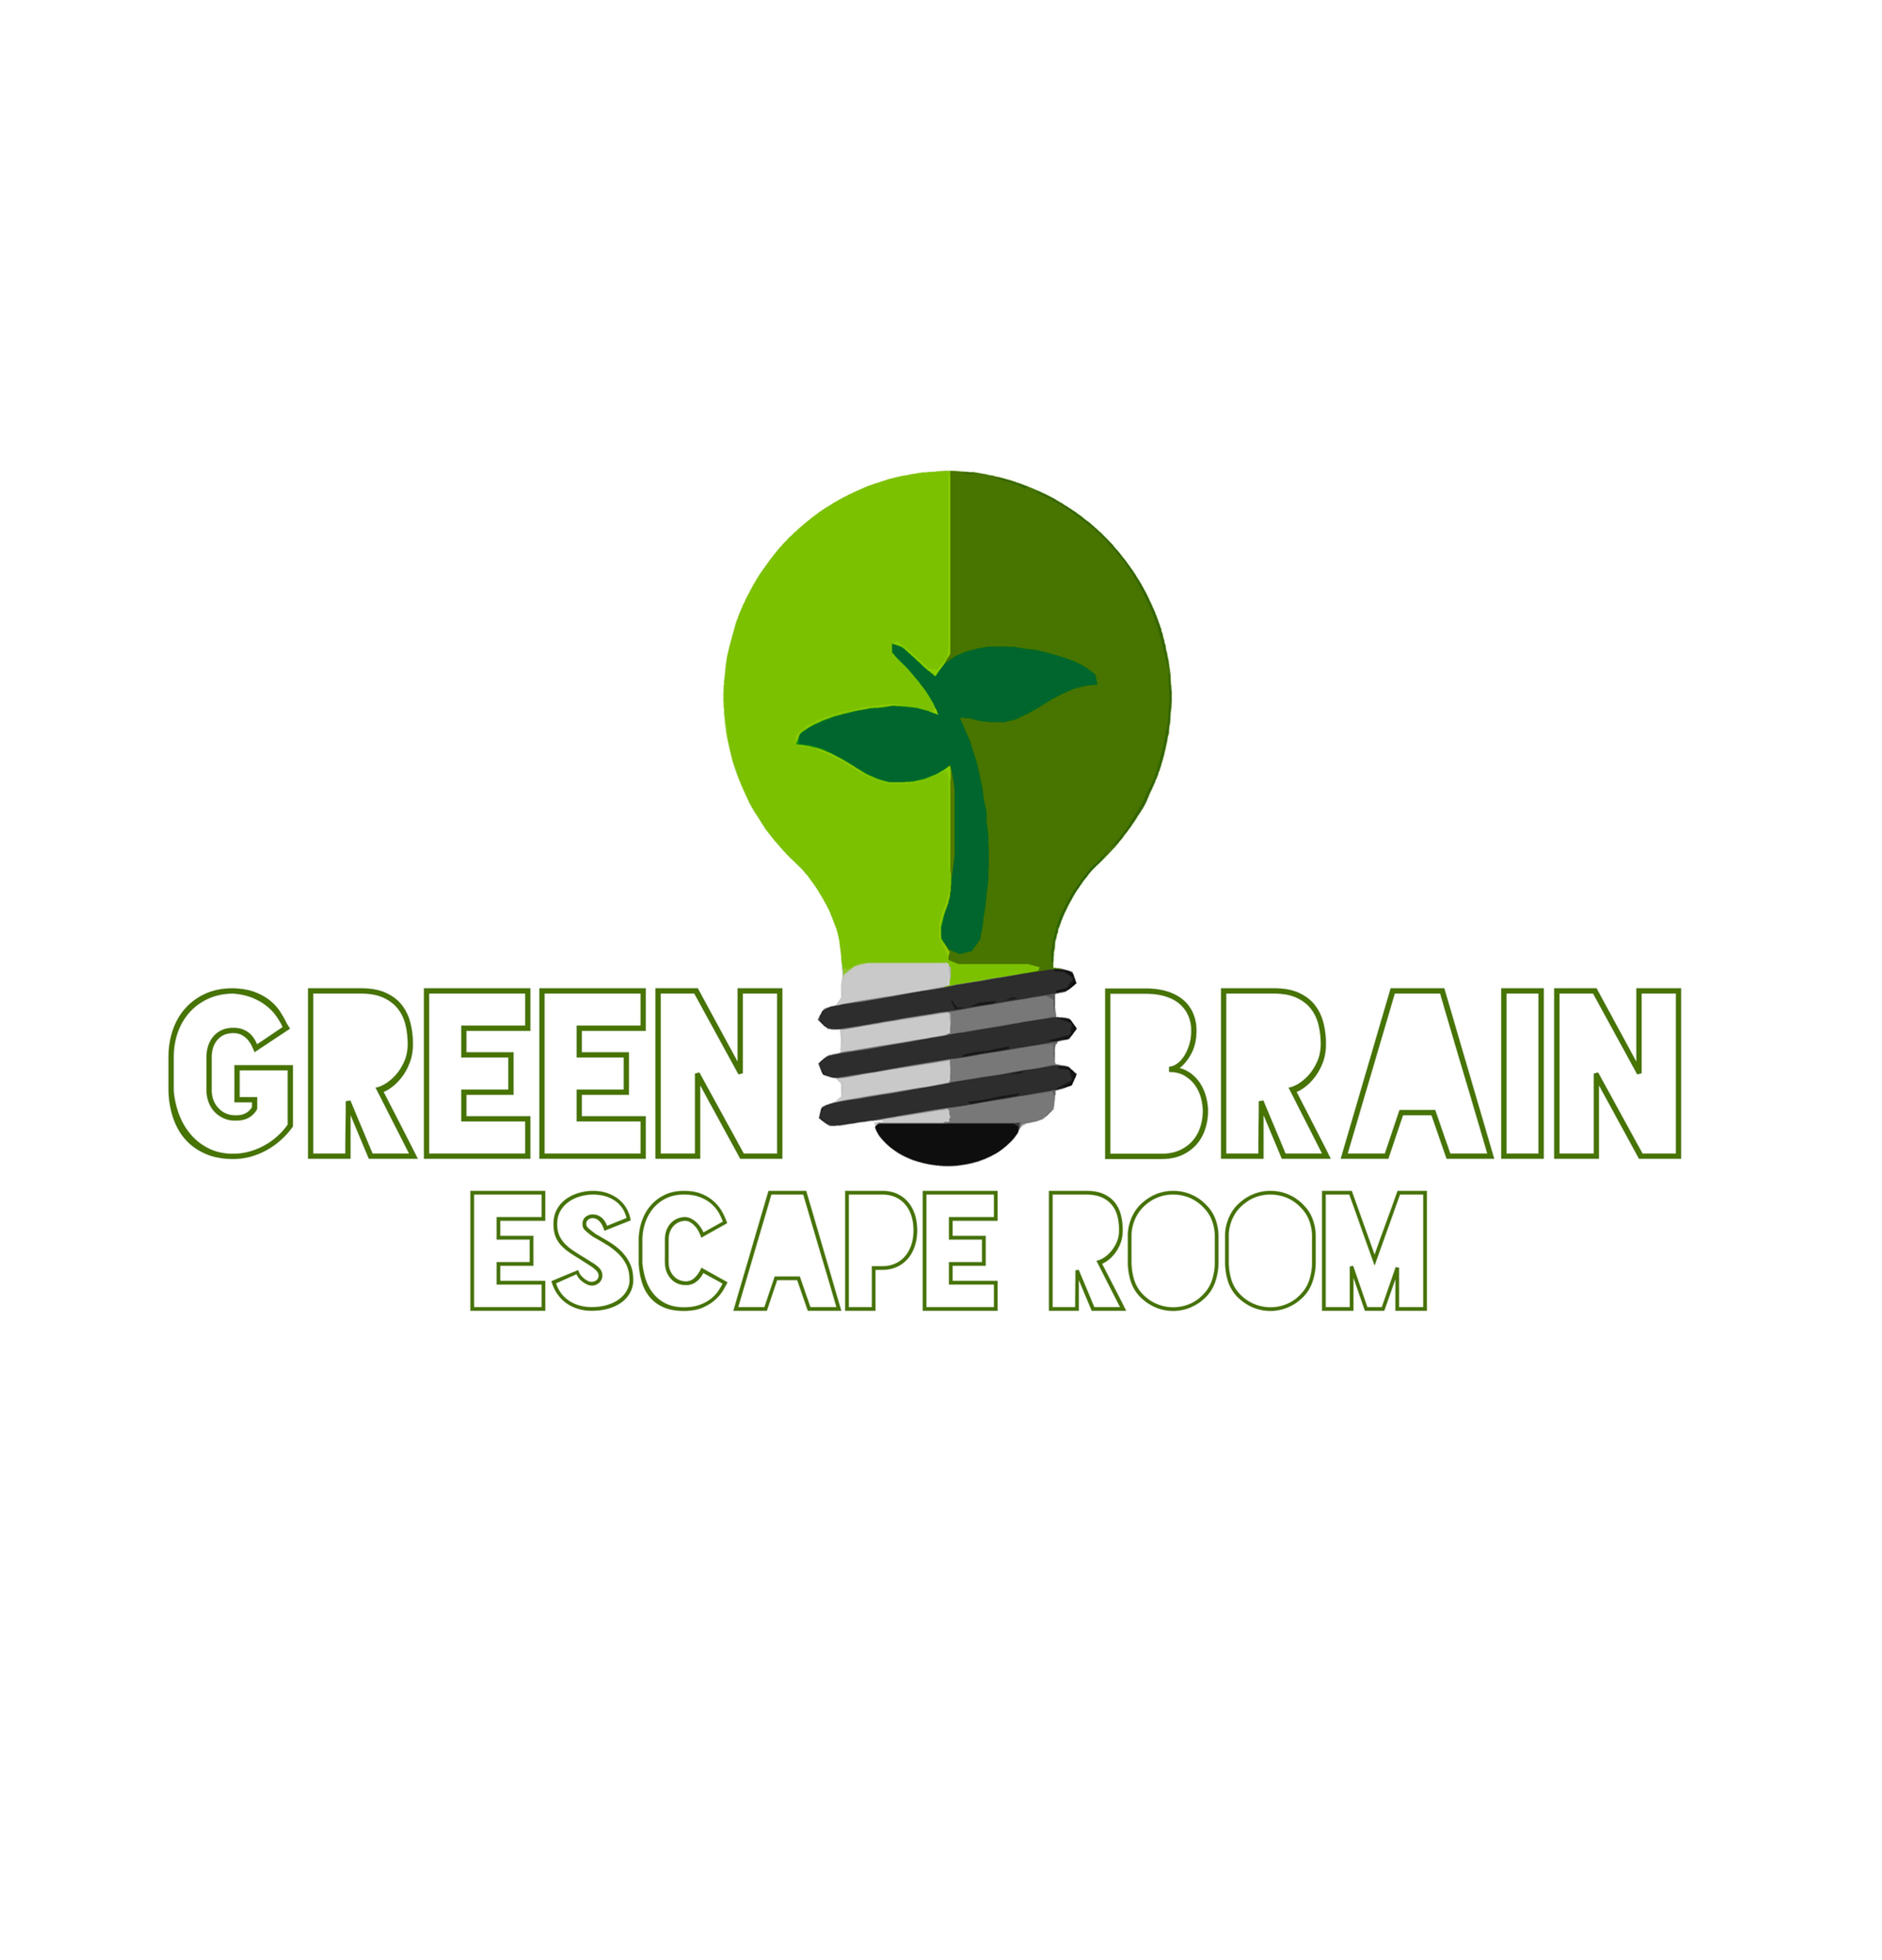 Green Brain Escape Room